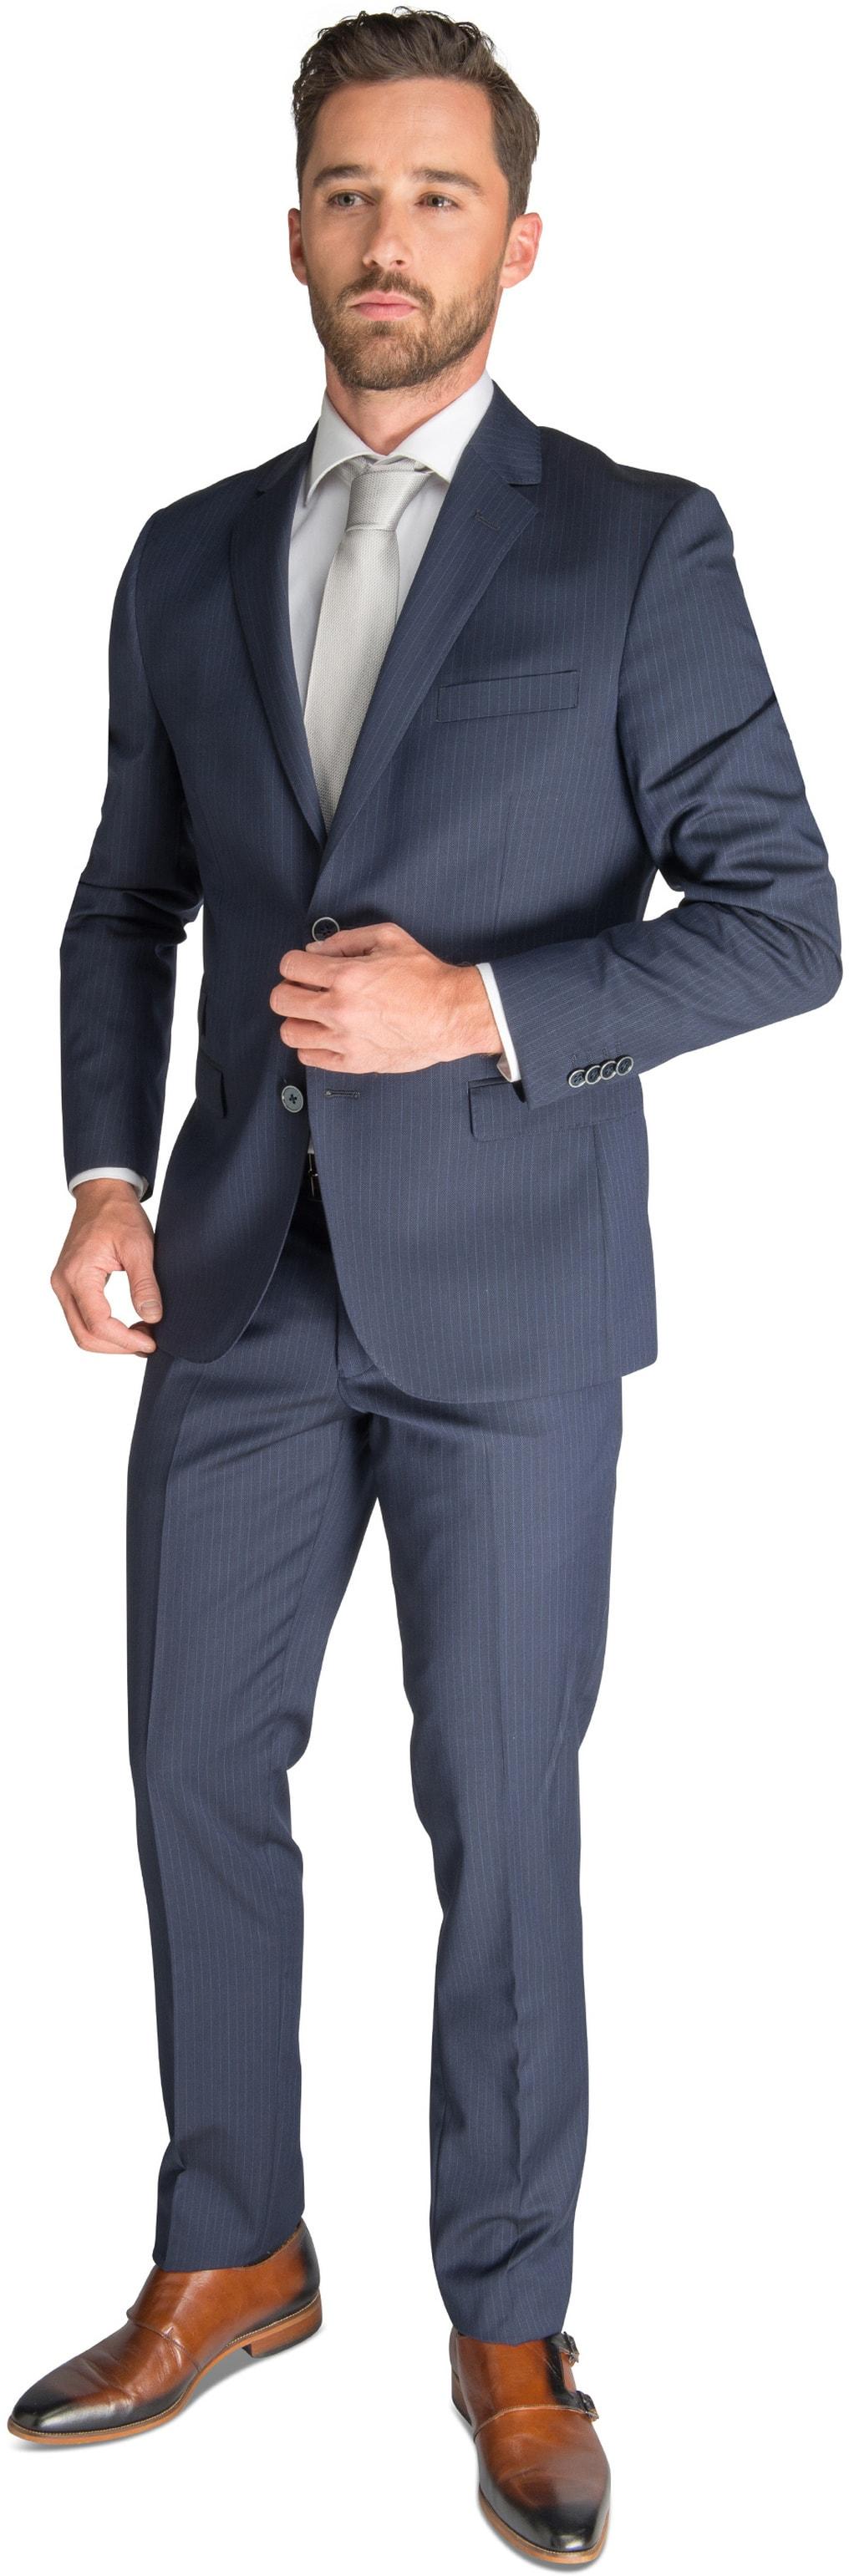 Anzuge Fur Herren Online Kaufen Suitable